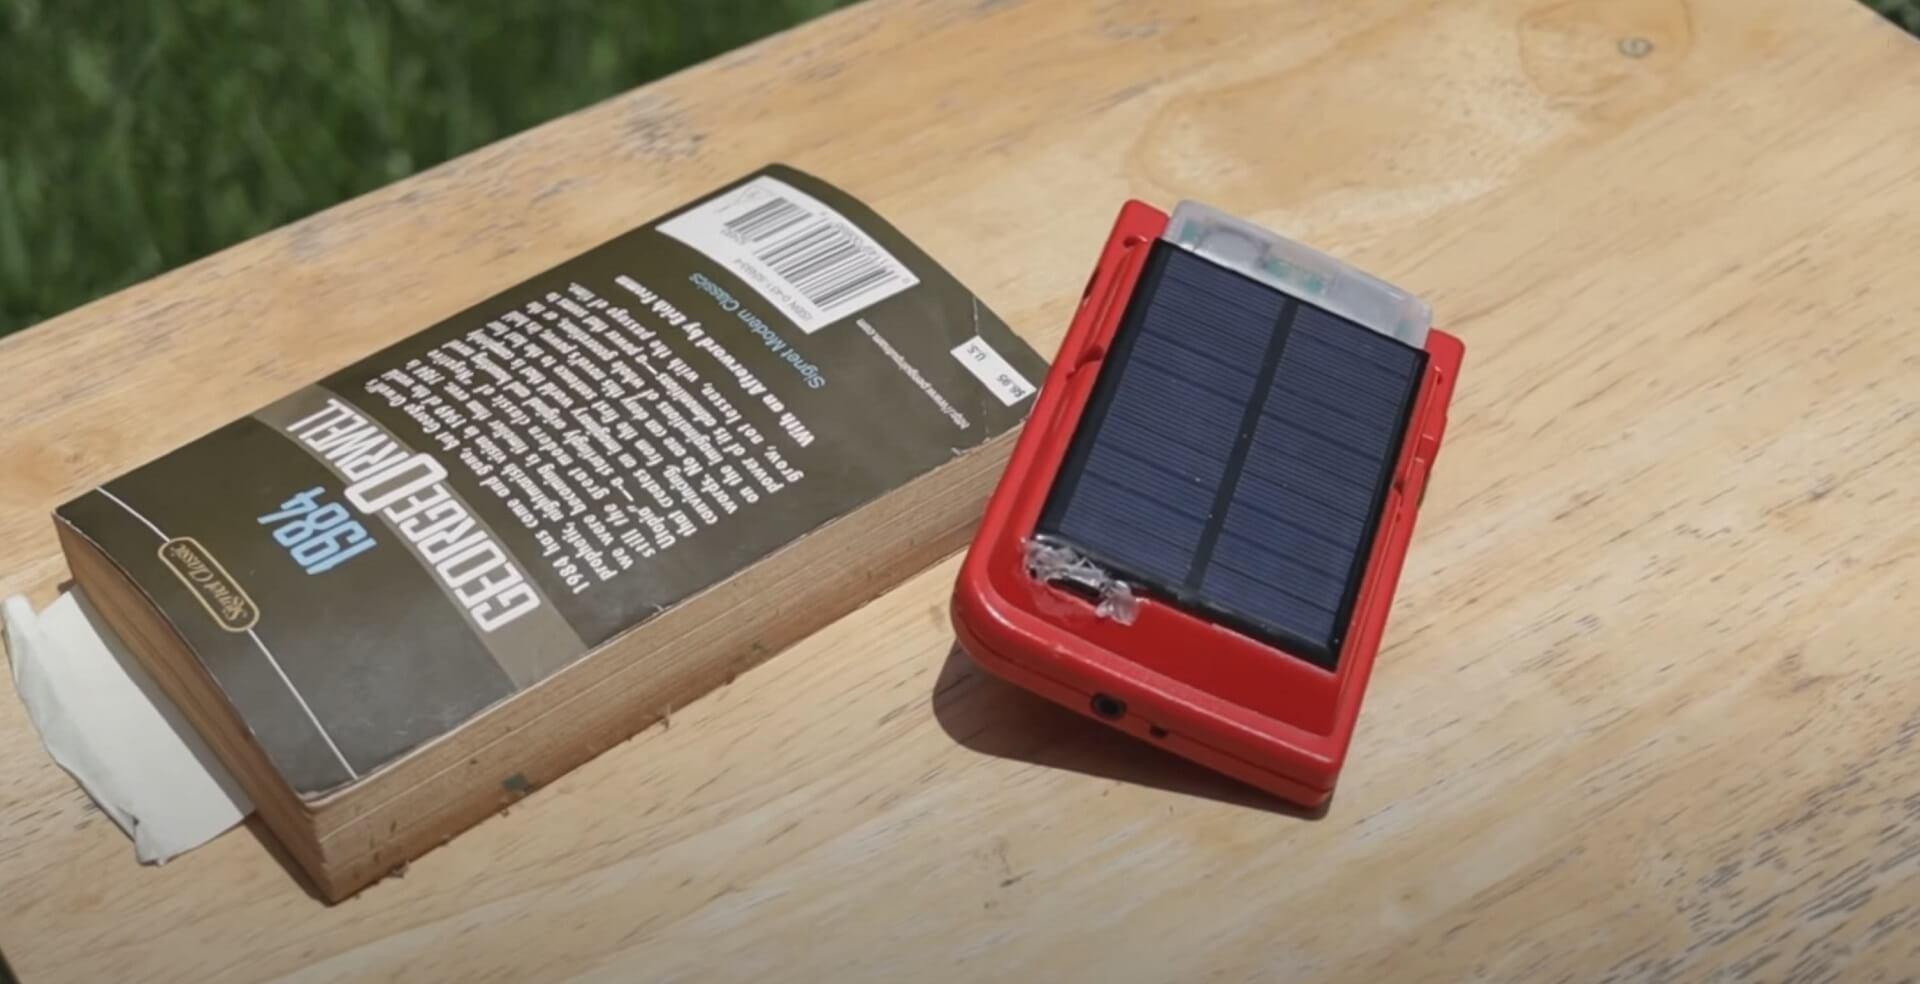 Game Boy Pocket mit erneuerbarer Energiequelle